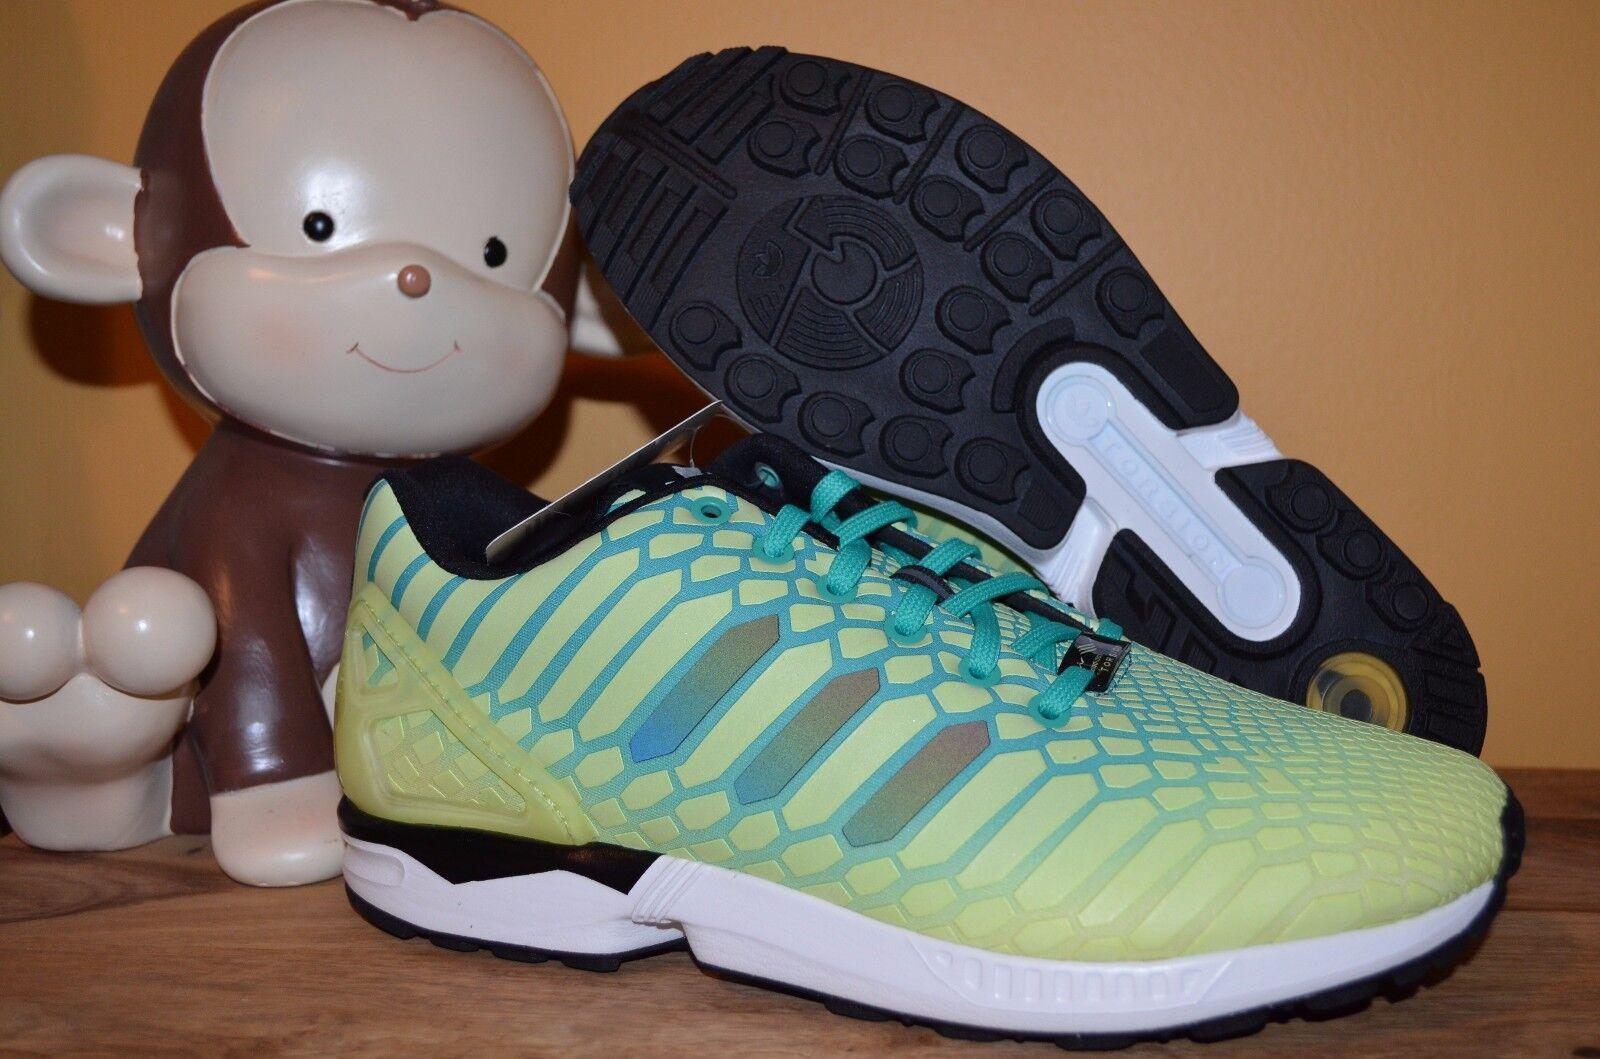 les flux nouveaux adidas formateurs zx formateurs adidas sz 9,5 - 11 brillent dans le noir aq8212 jaune / vert Hommes the 19ffe4